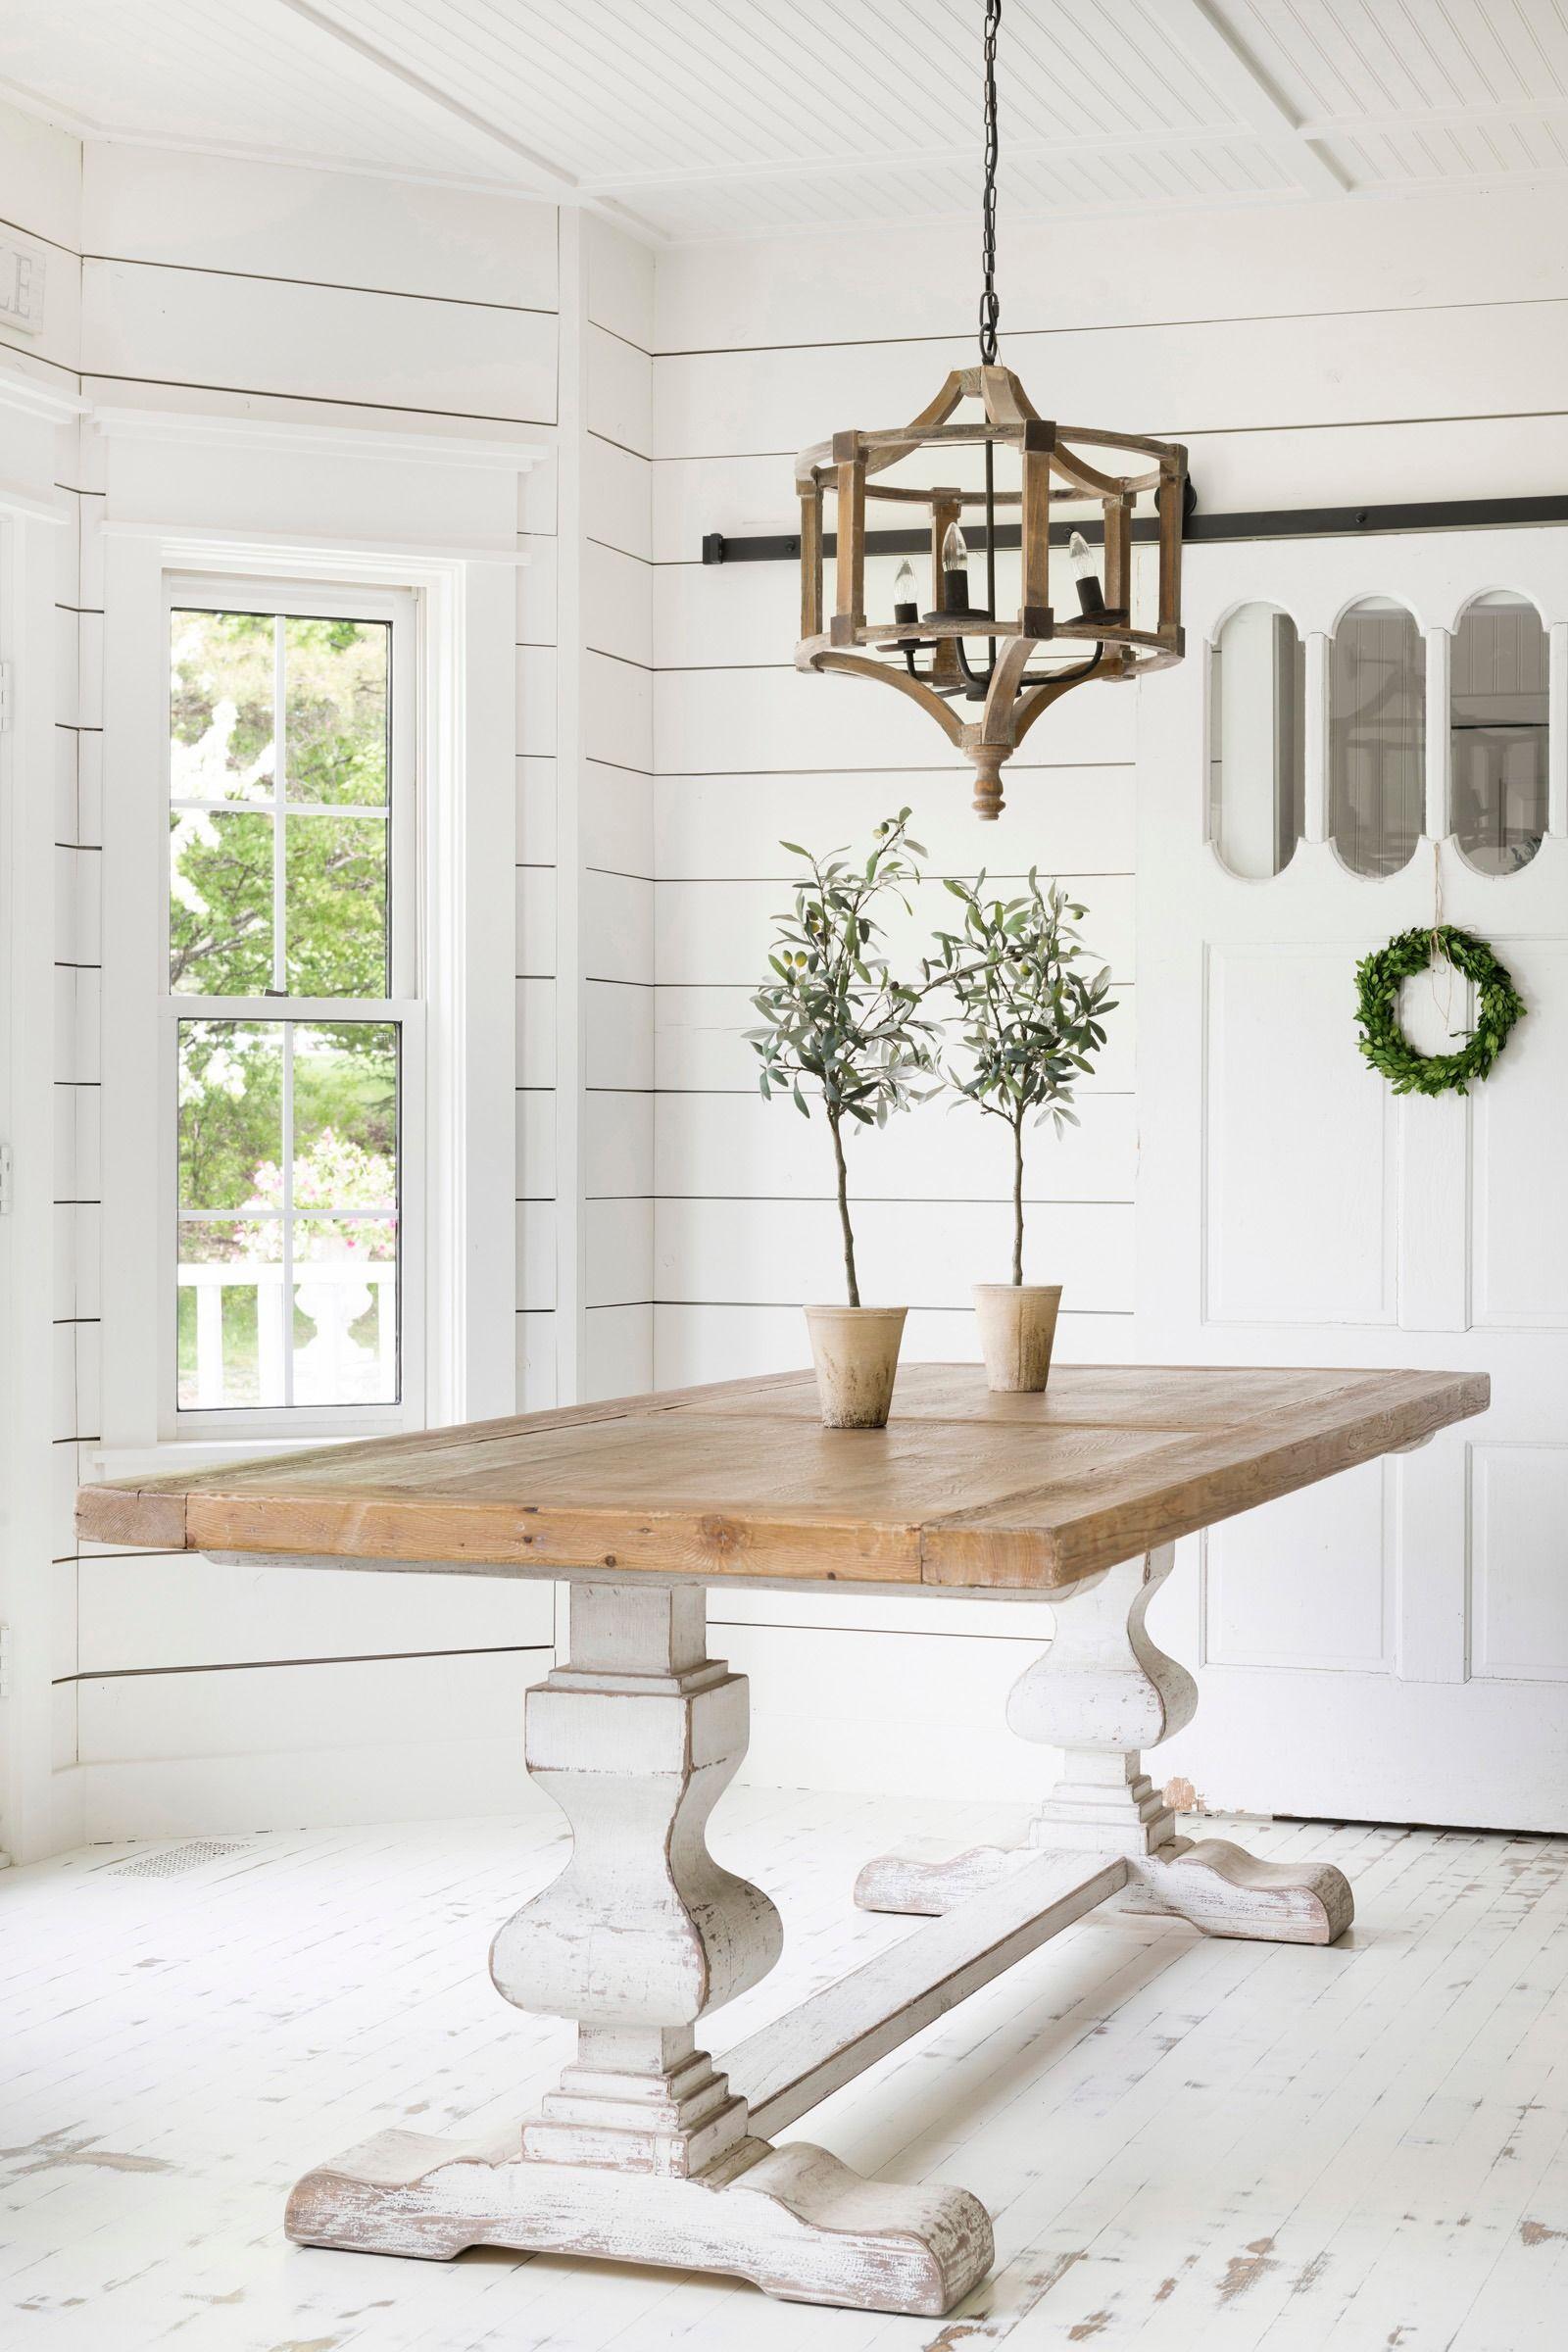 2020 KITCHEN ISLAND | 500+ ideas on Pinterest in 2020 | dining table,  table, dining table in kitchen